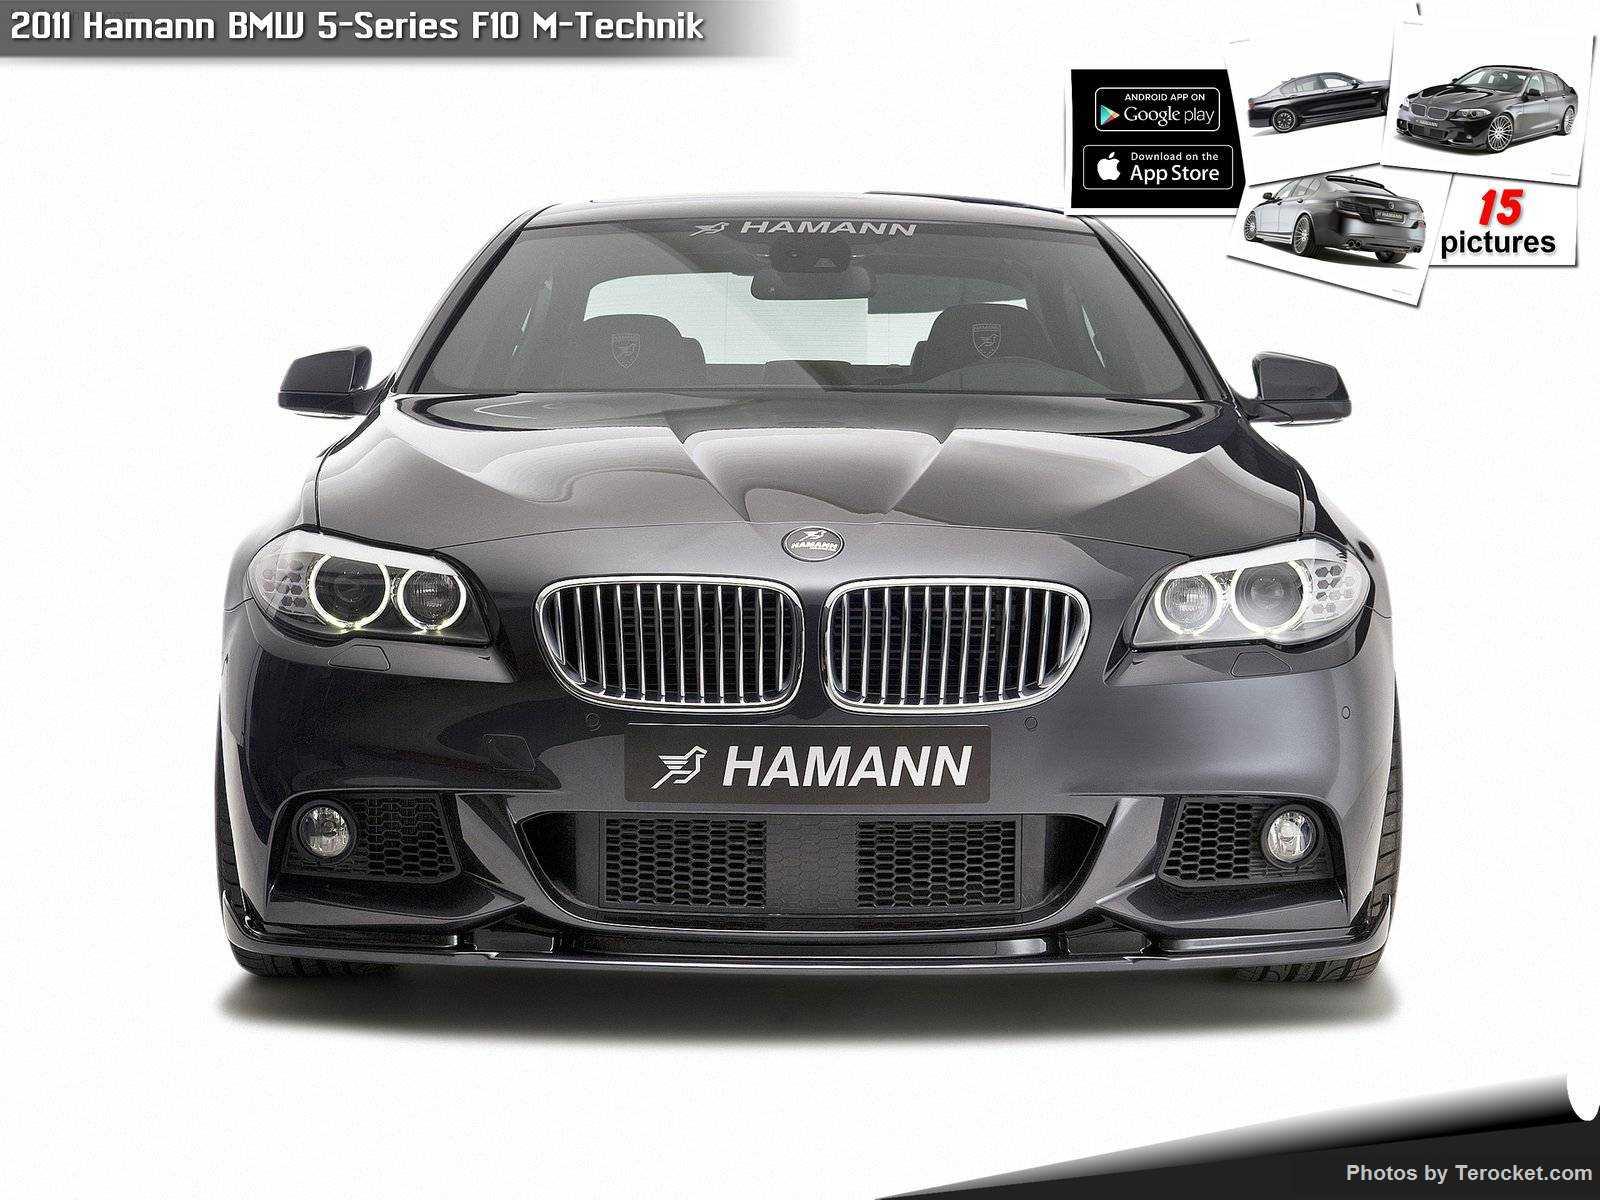 Hình ảnh xe ô tô Hamann BMW 5-Series F10 M-Technik 2011 & nội ngoại thất